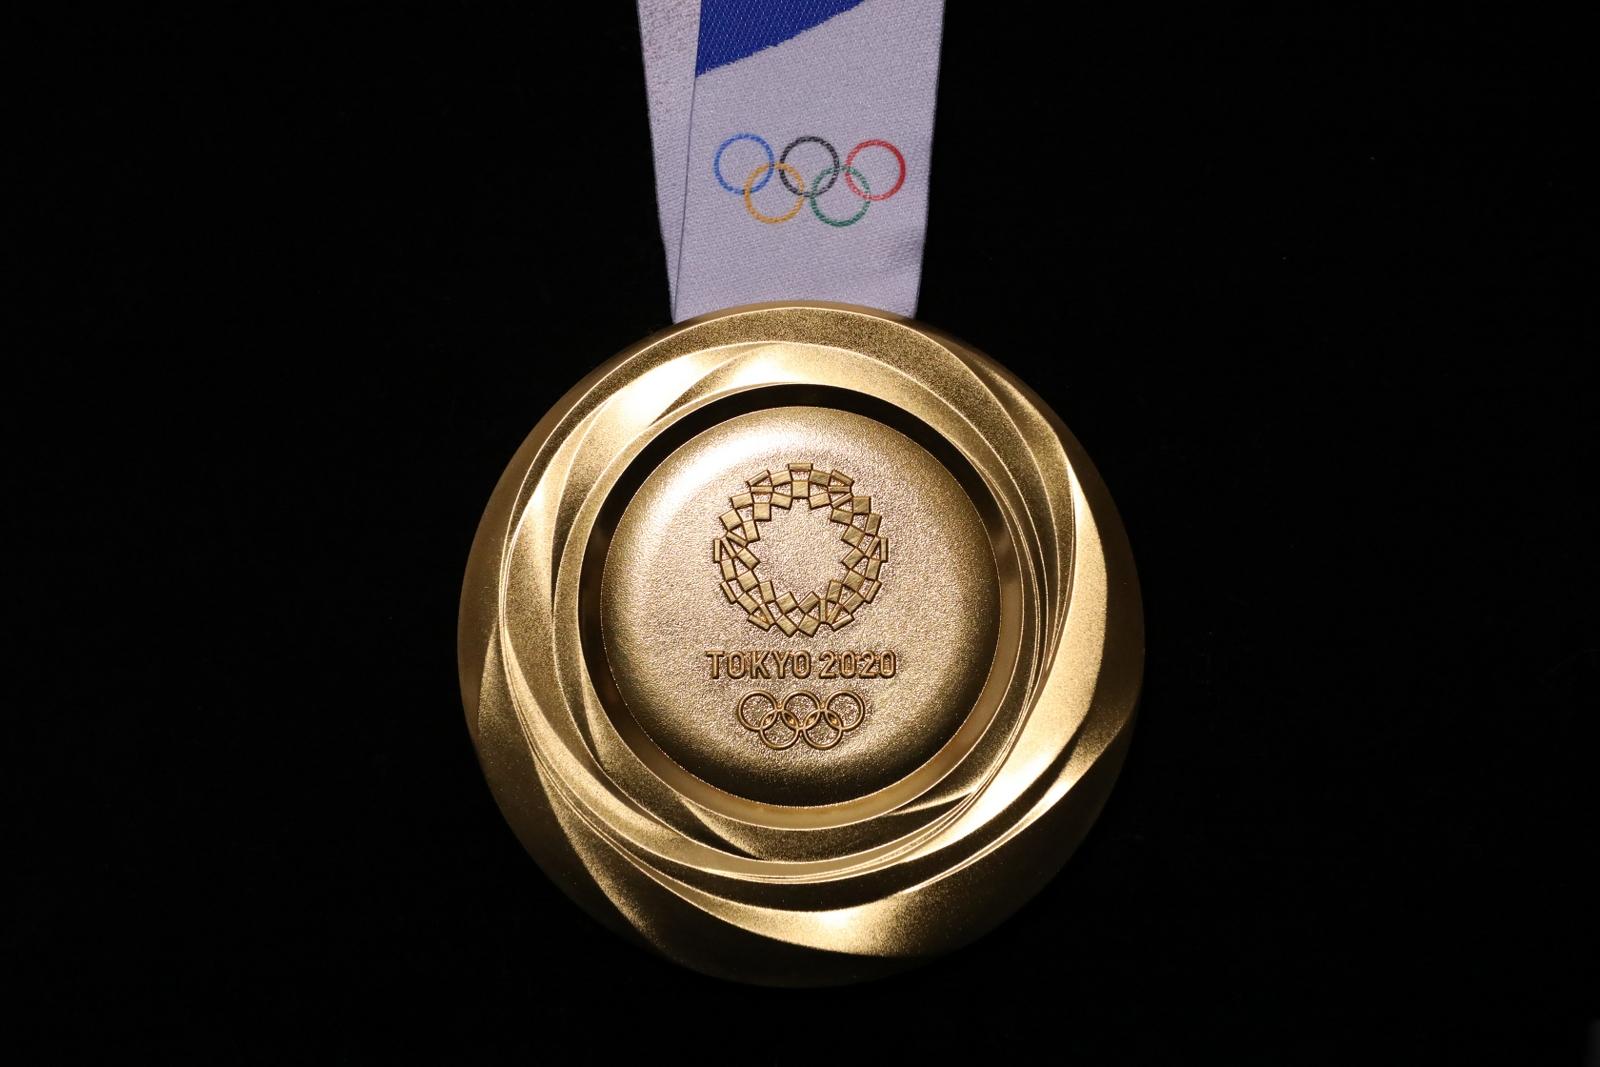 מדליית הזהב בטוקיו 2020